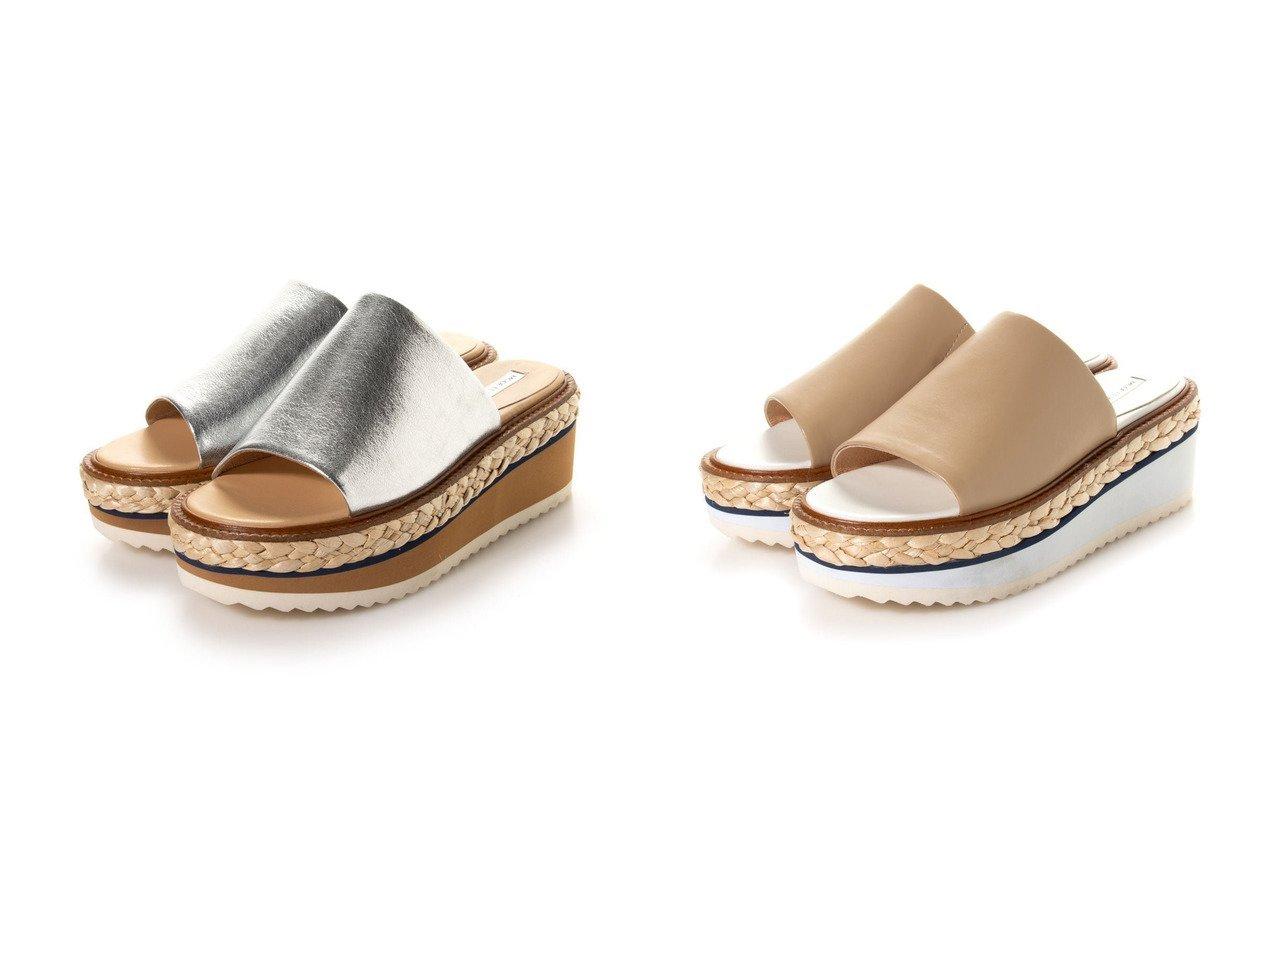 【MODE ET JACOMO/モード エ ジャコモ】の厚底ミュールサンダル シューズ・靴のおすすめ!人気、トレンド・レディースファッションの通販 おすすめで人気の流行・トレンド、ファッションの通販商品 メンズファッション・キッズファッション・インテリア・家具・レディースファッション・服の通販 founy(ファニー) https://founy.com/ ファッション Fashion レディースファッション WOMEN 2020年 2020 2020 春夏 S/S SS Spring/Summer 2020 S/S 春夏 SS Spring/Summer フォルム 厚底 春 Spring  ID:crp329100000023923